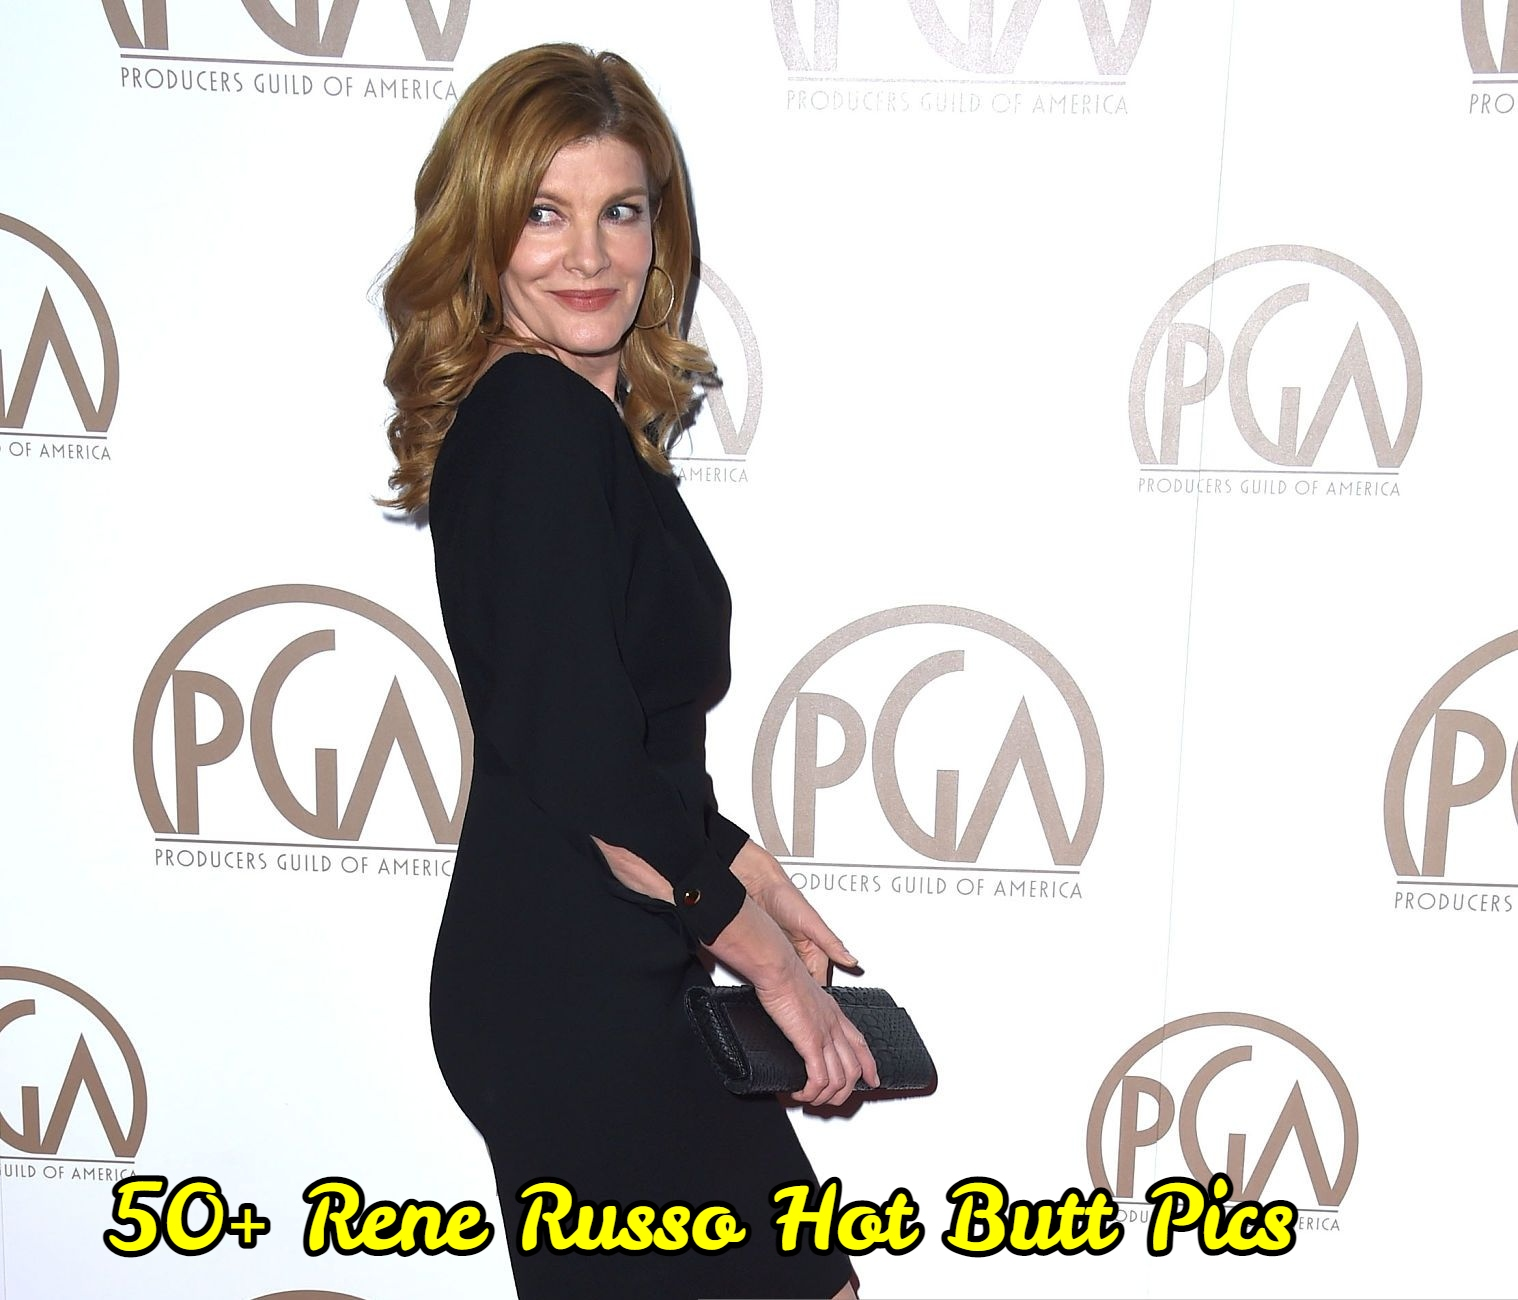 Rene Russo Hot Butt Pics